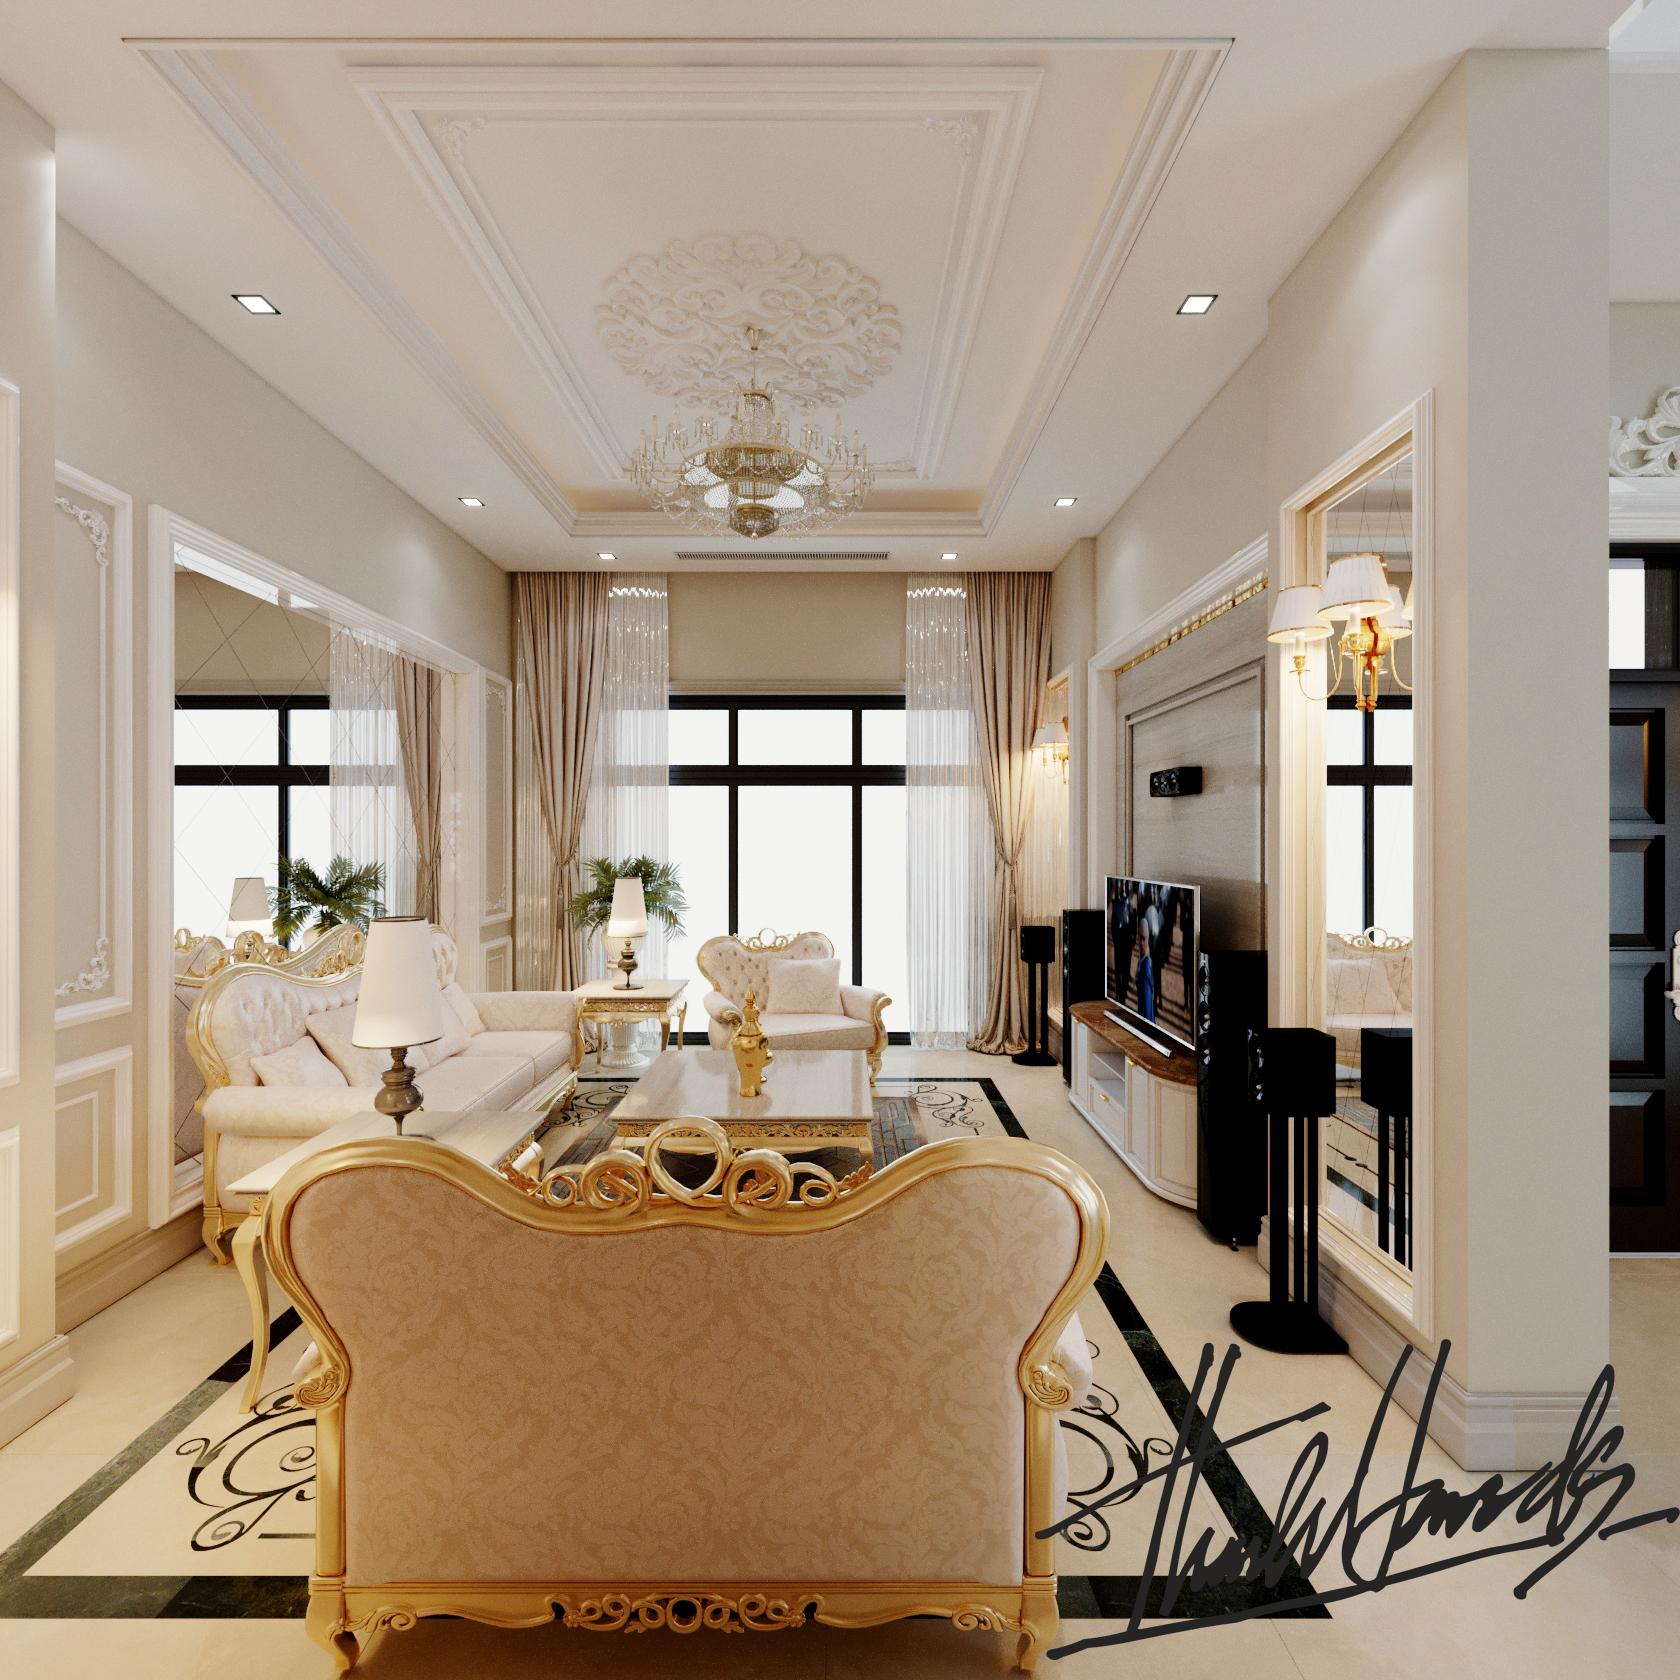 thiết kế nội thất Biệt Thự tại Hải Phòng Biệt thự Vinhomes - imperia ( khu MHT) 16 1568275627